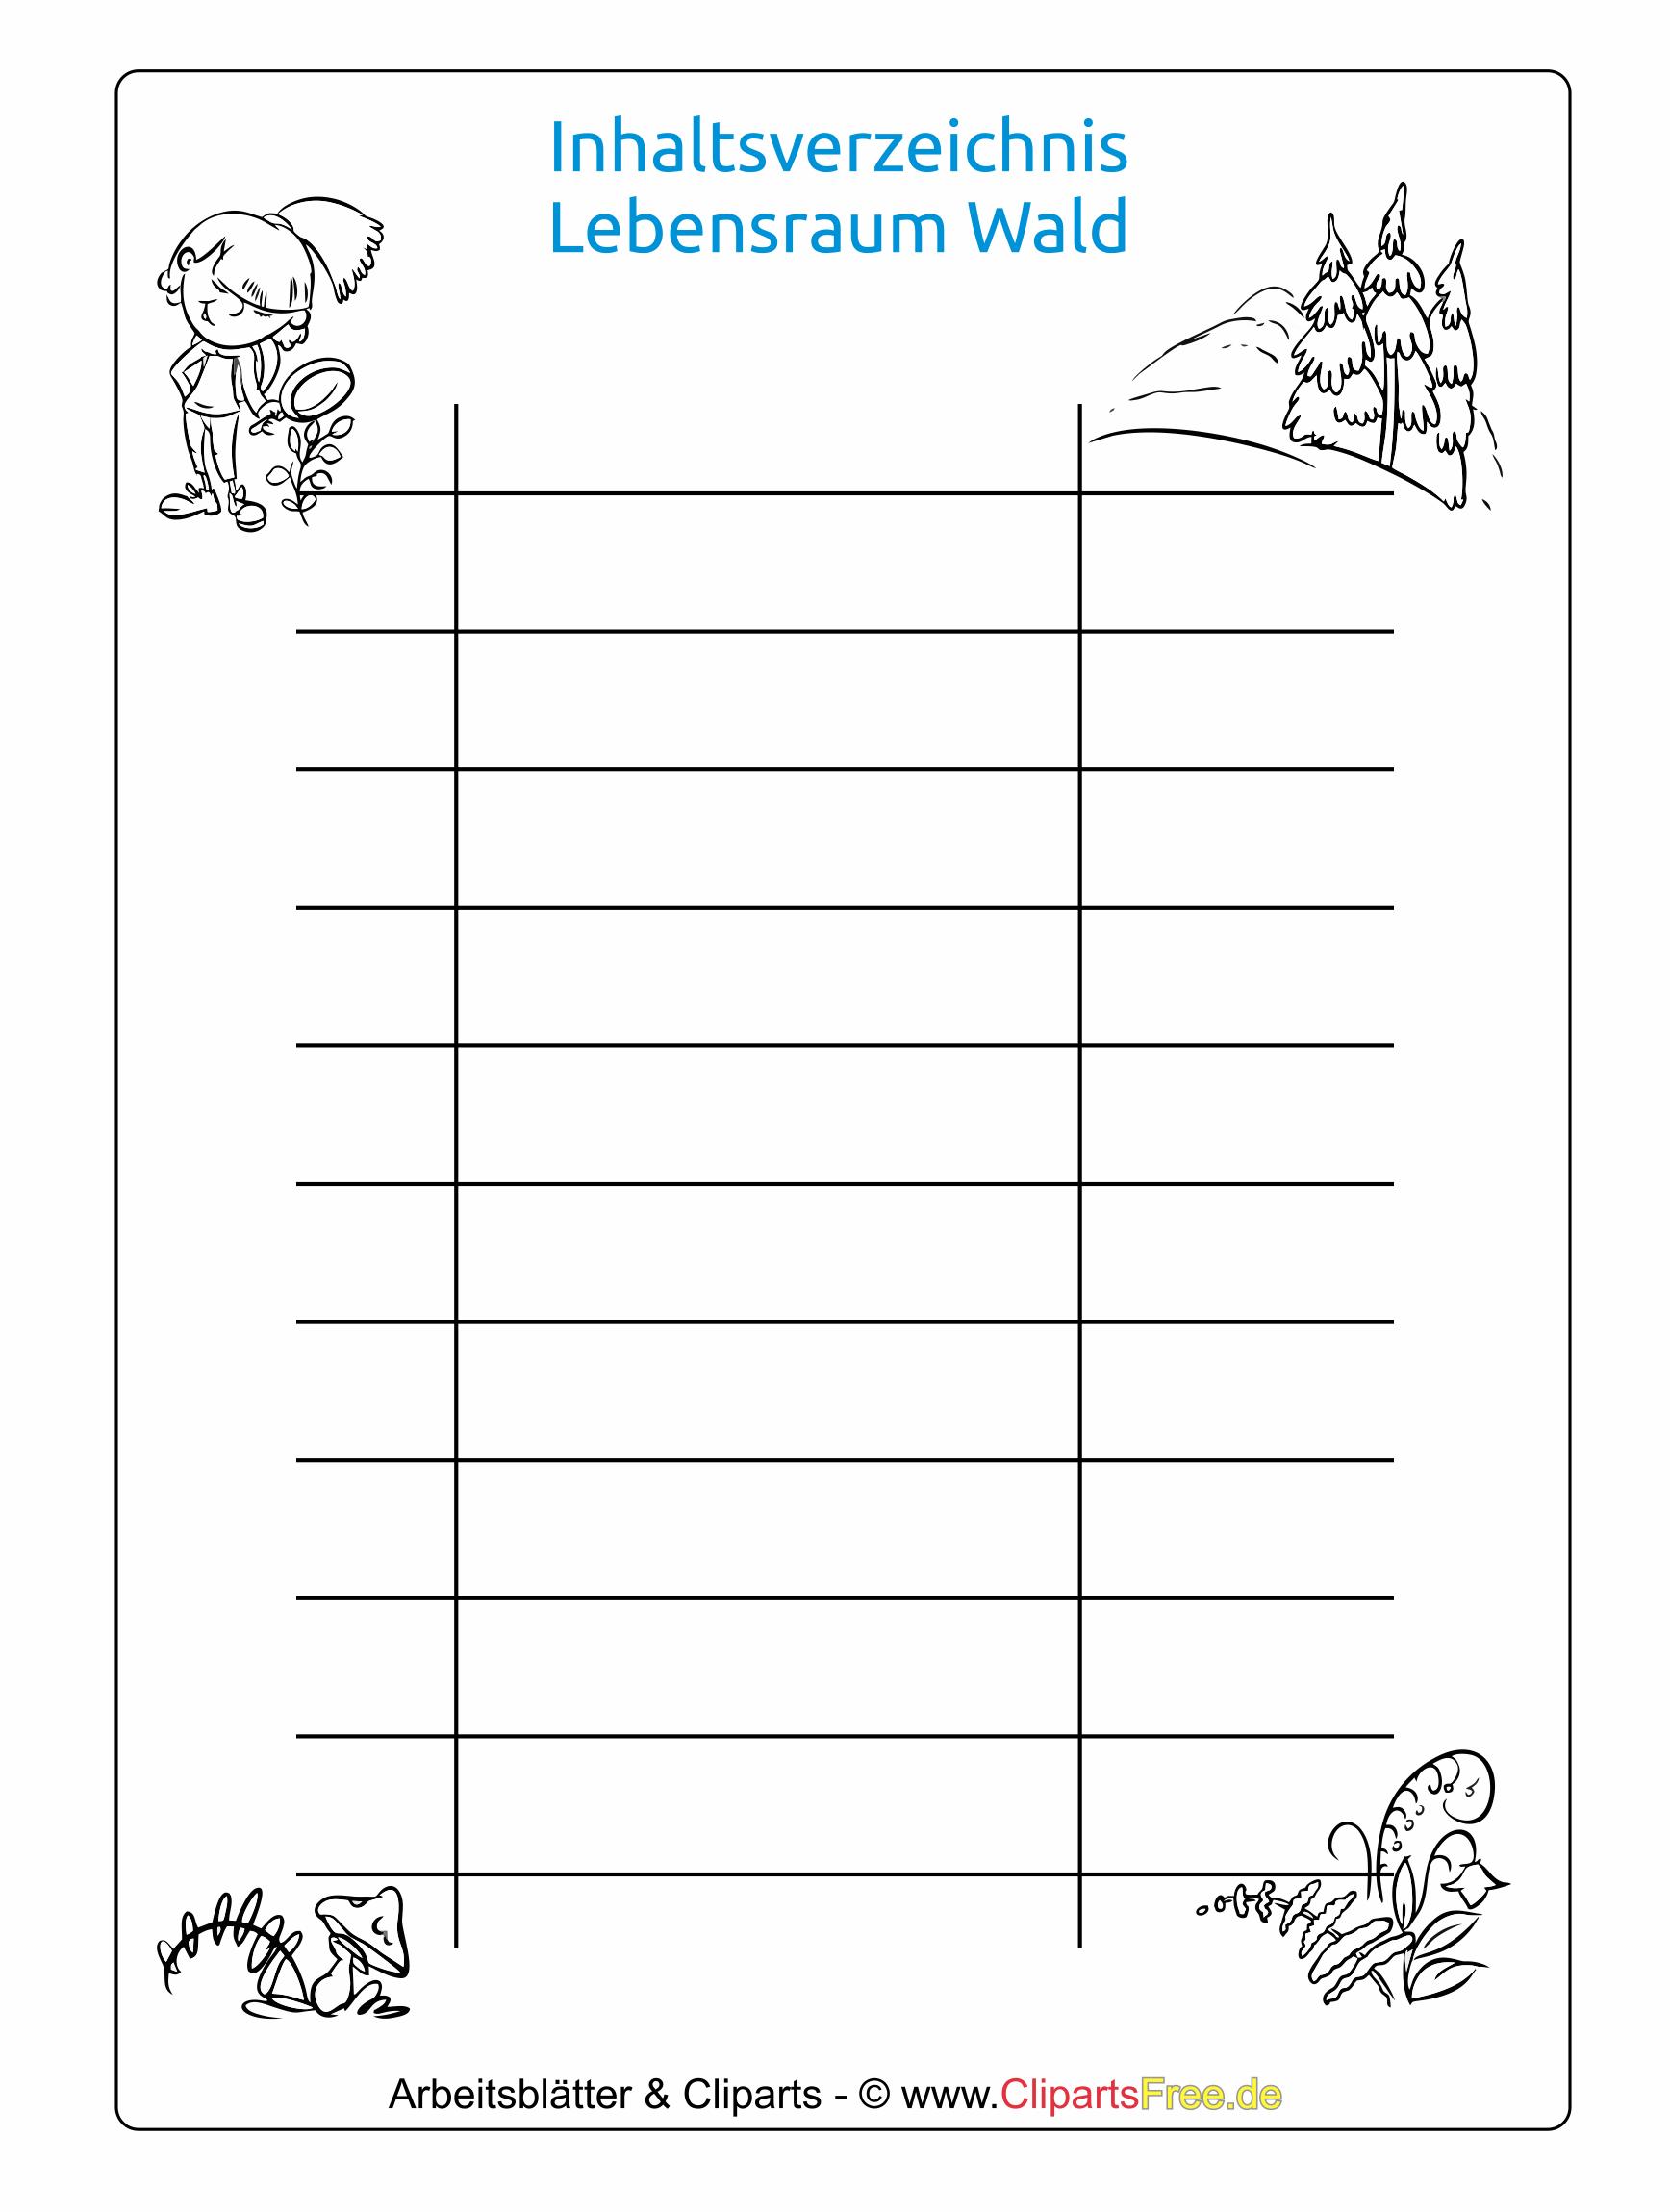 Kostenlose Inhaltsverzeichnis Vorlage für die Schule